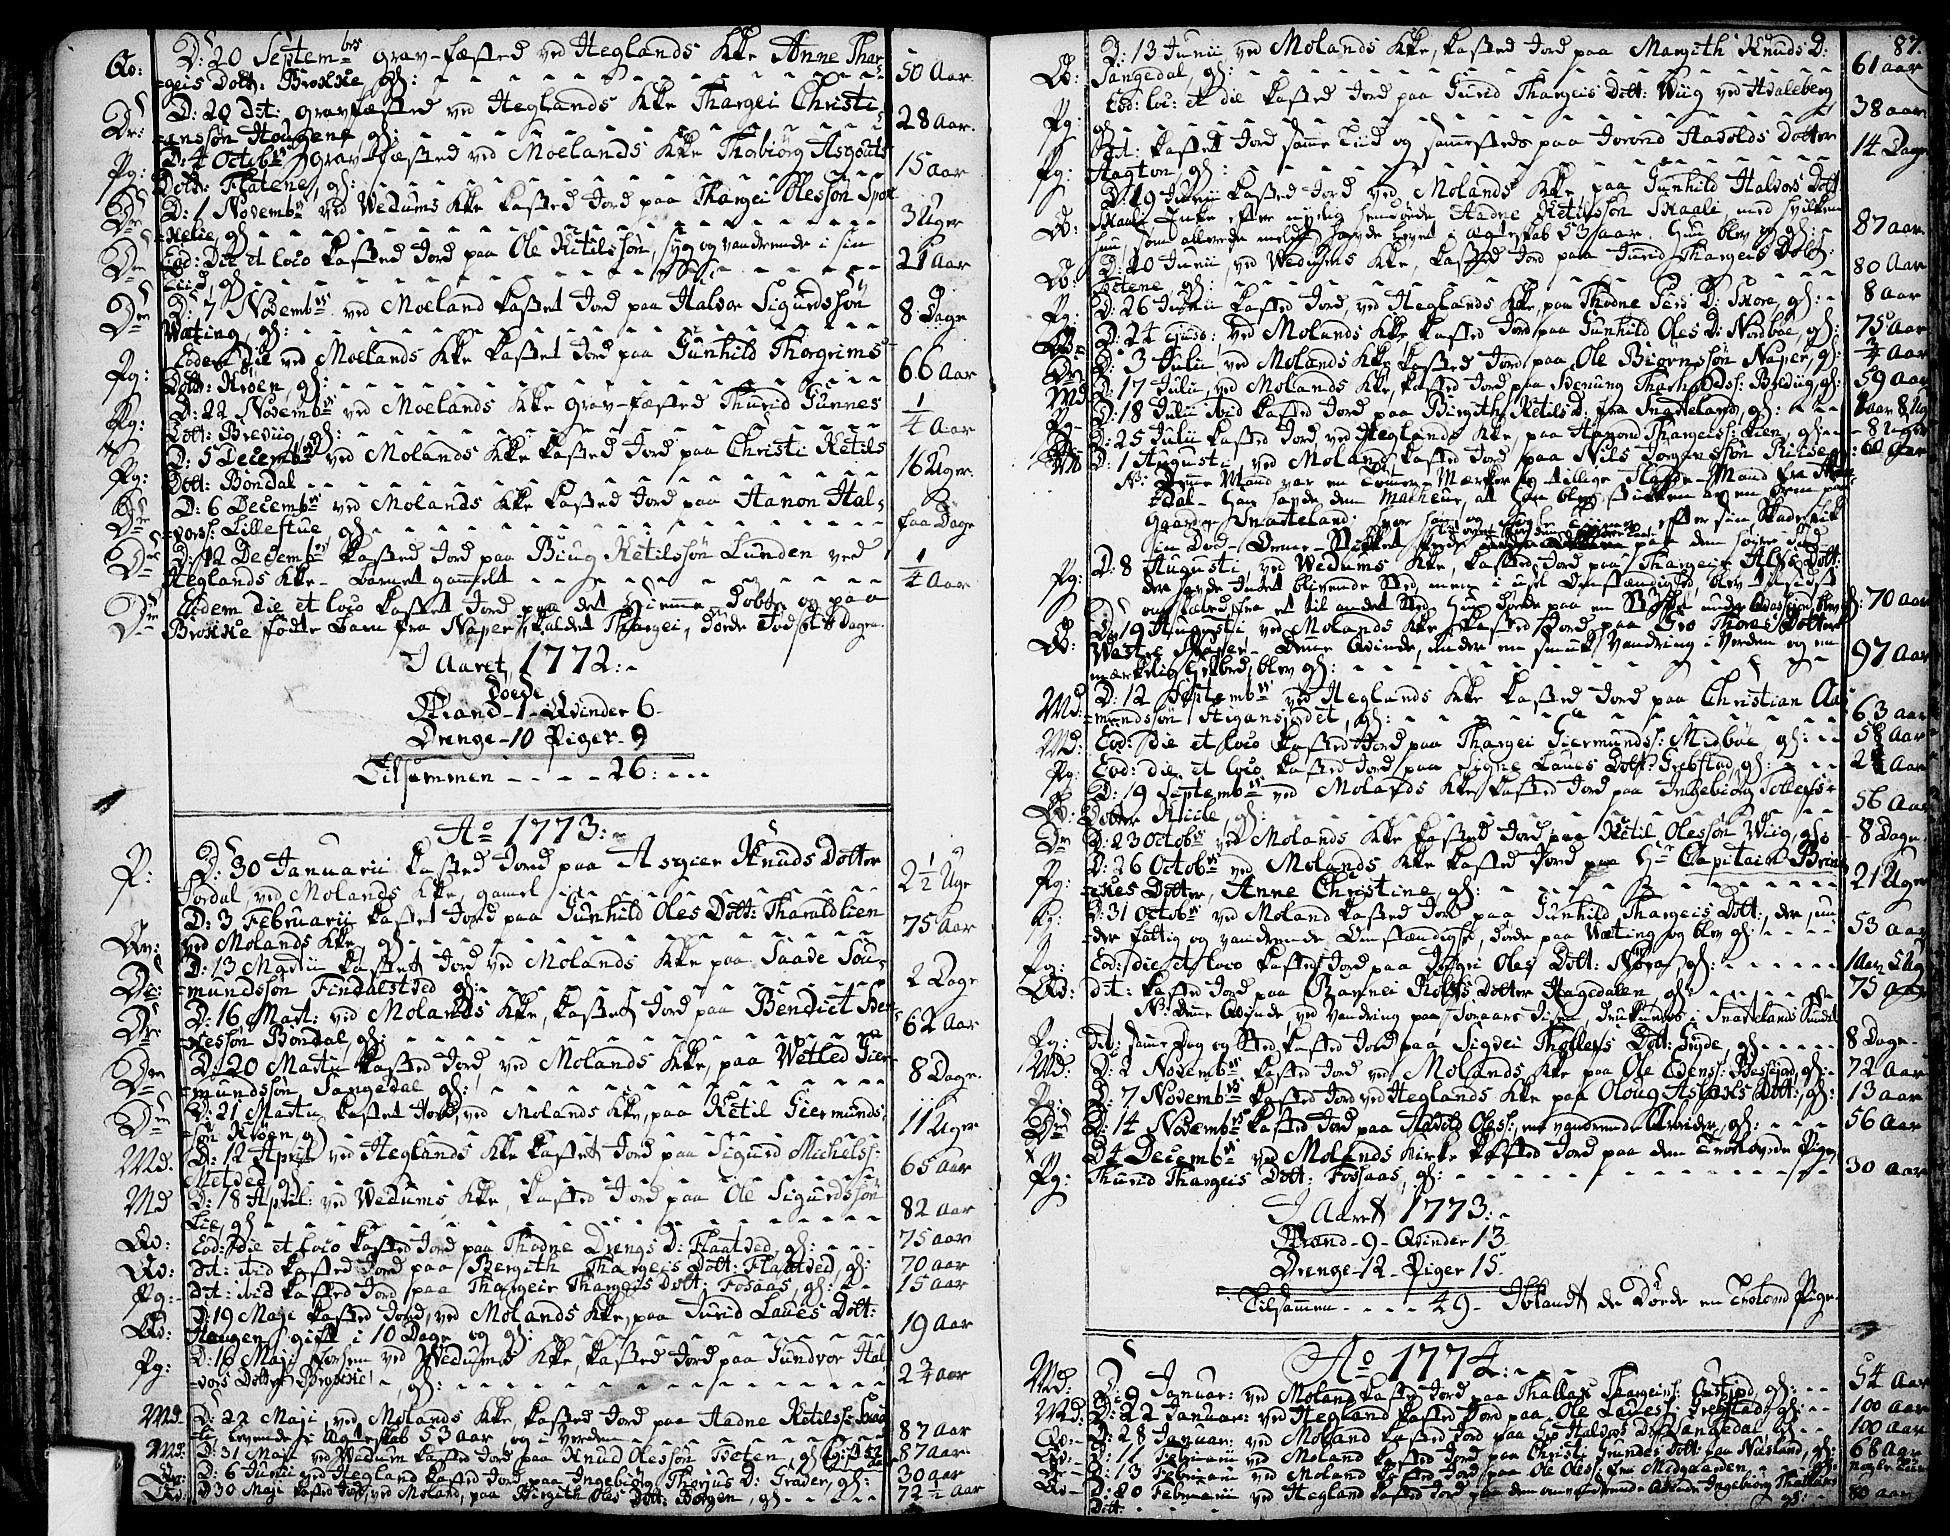 SAKO, Fyresdal kirkebøker, F/Fa/L0002: Ministerialbok nr. I 2, 1769-1814, s. 87